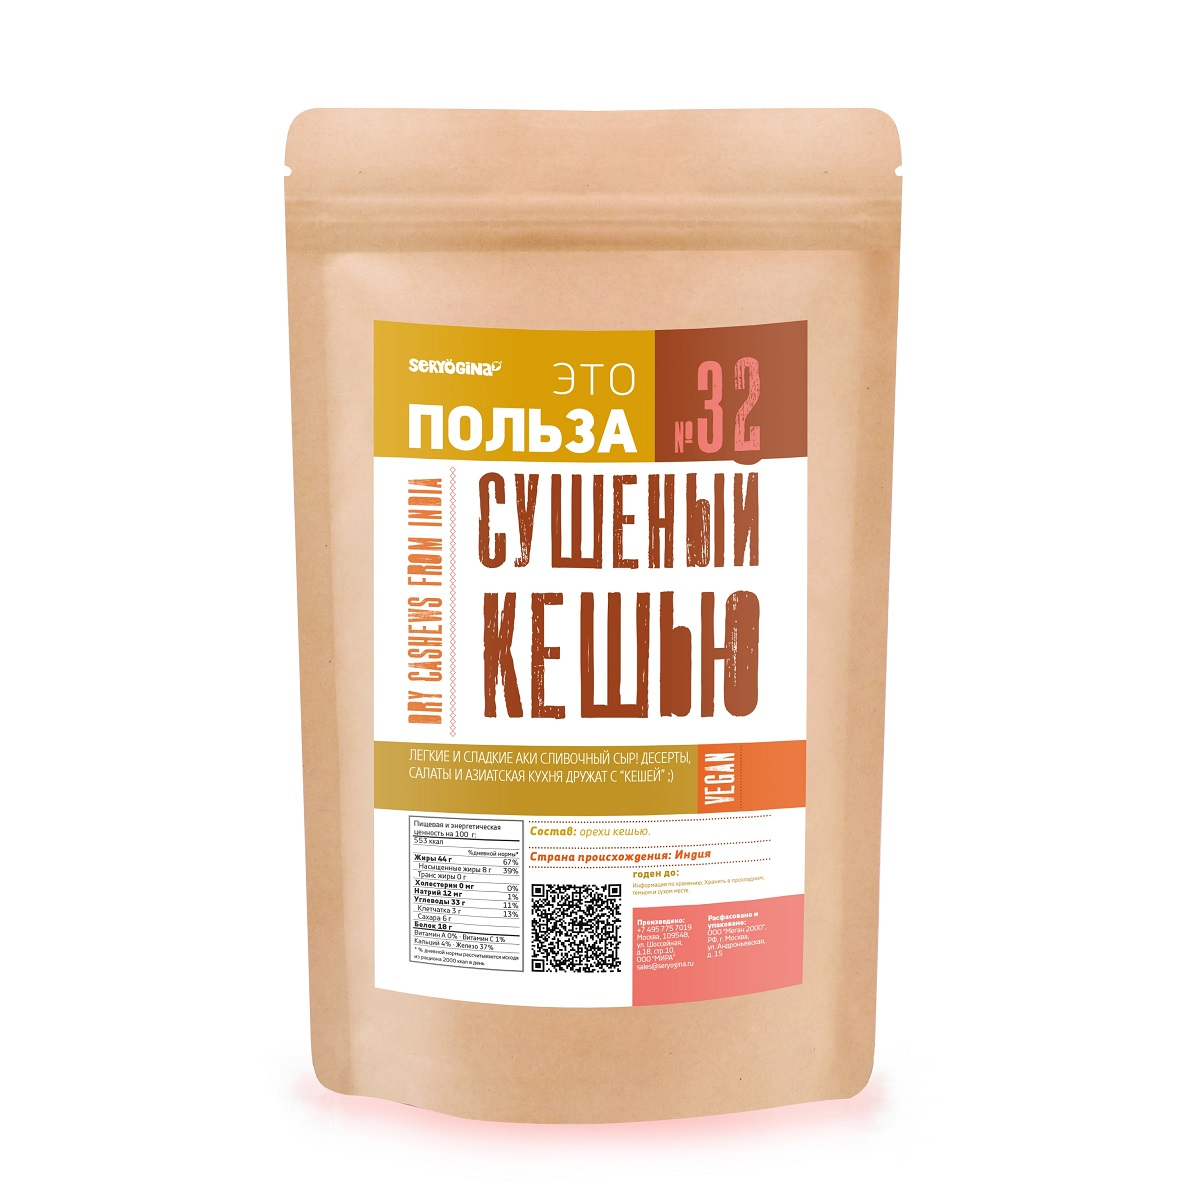 Seryogina Кешью нежареный сушеный, 1500 г2195Кешью используется в диетическом питании, а еще укрепляет сердечную мышцу (благодаря высокому содержанию калия). Для приготовления кремов и начинок для сыроедческих десертов. И просто как здоровый фаст-фуд и снеки.